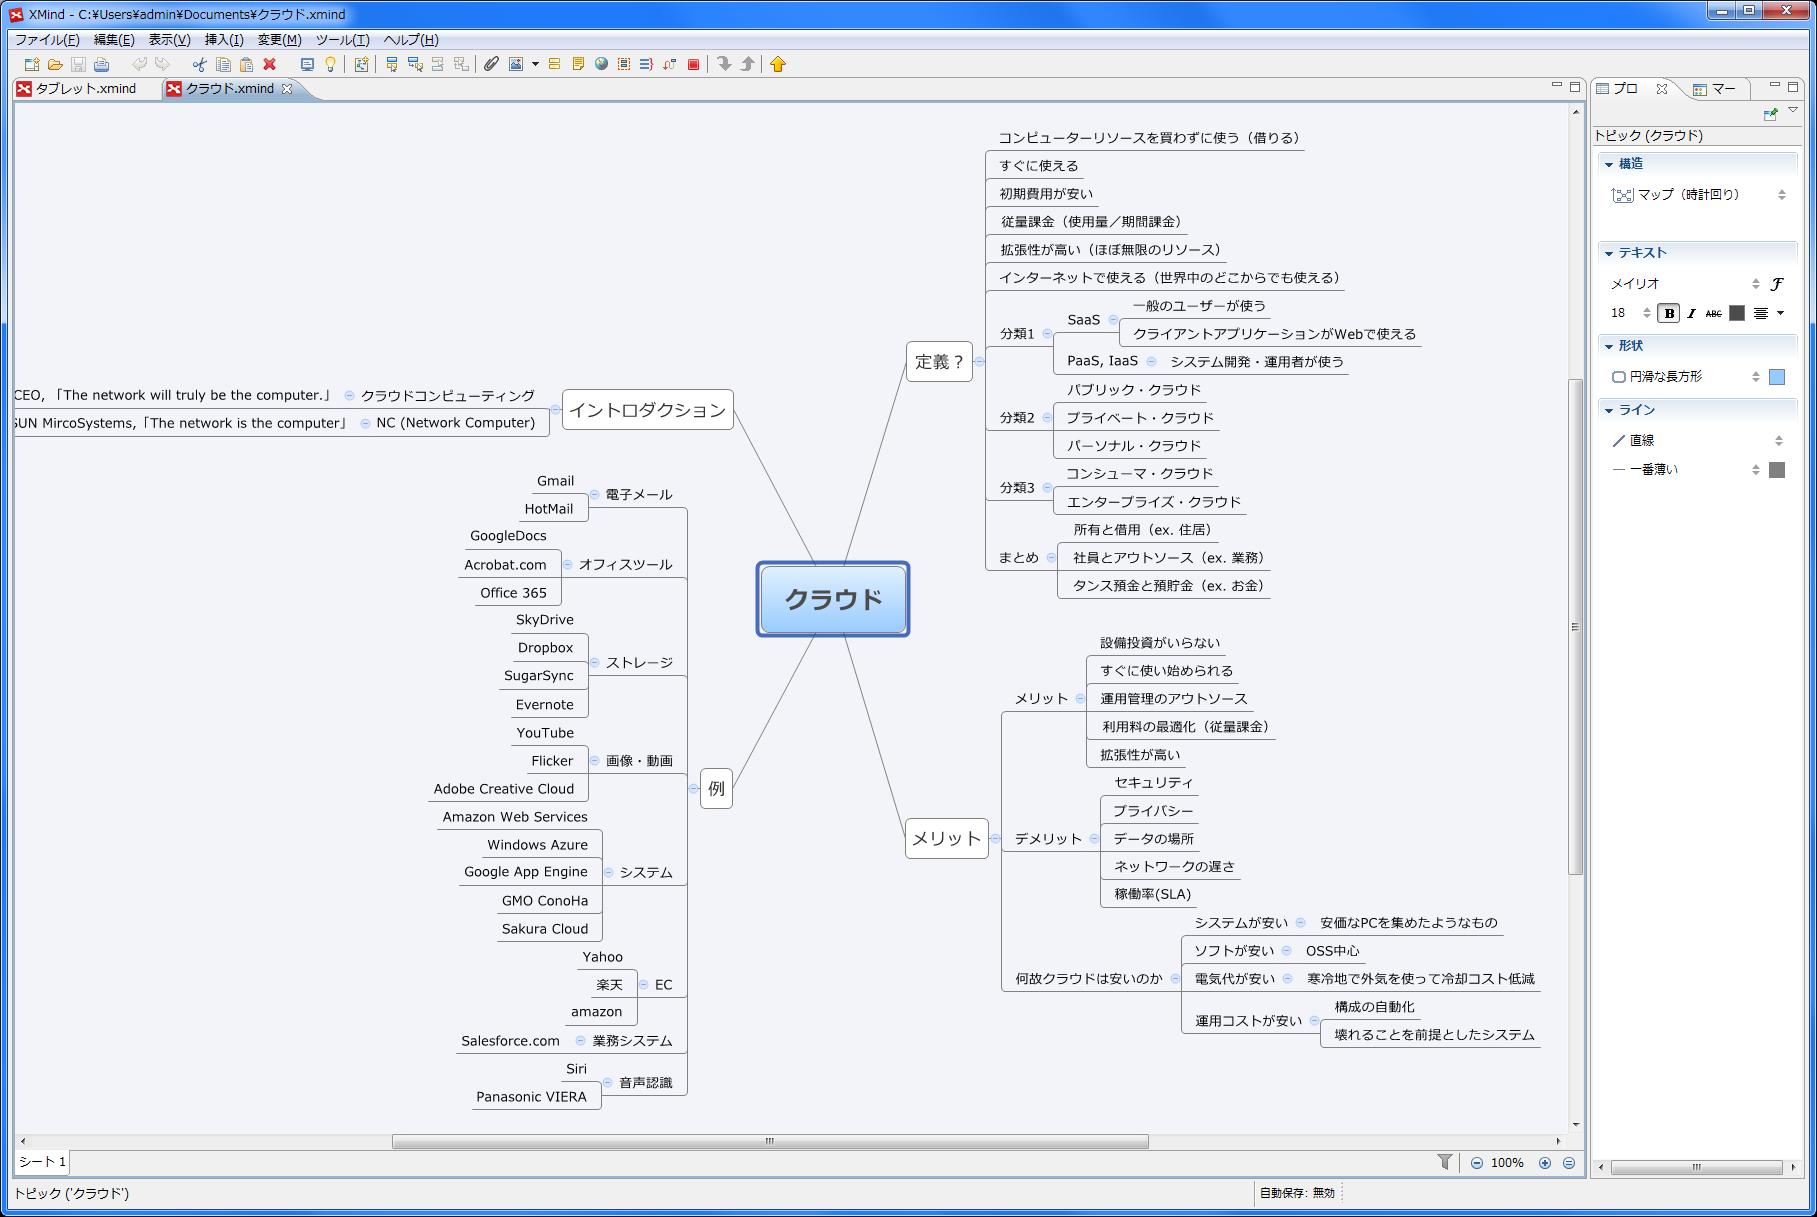 フリーのマインドマップ作成ソフト Xmind 13のレビュー ジグソー レビューメディア